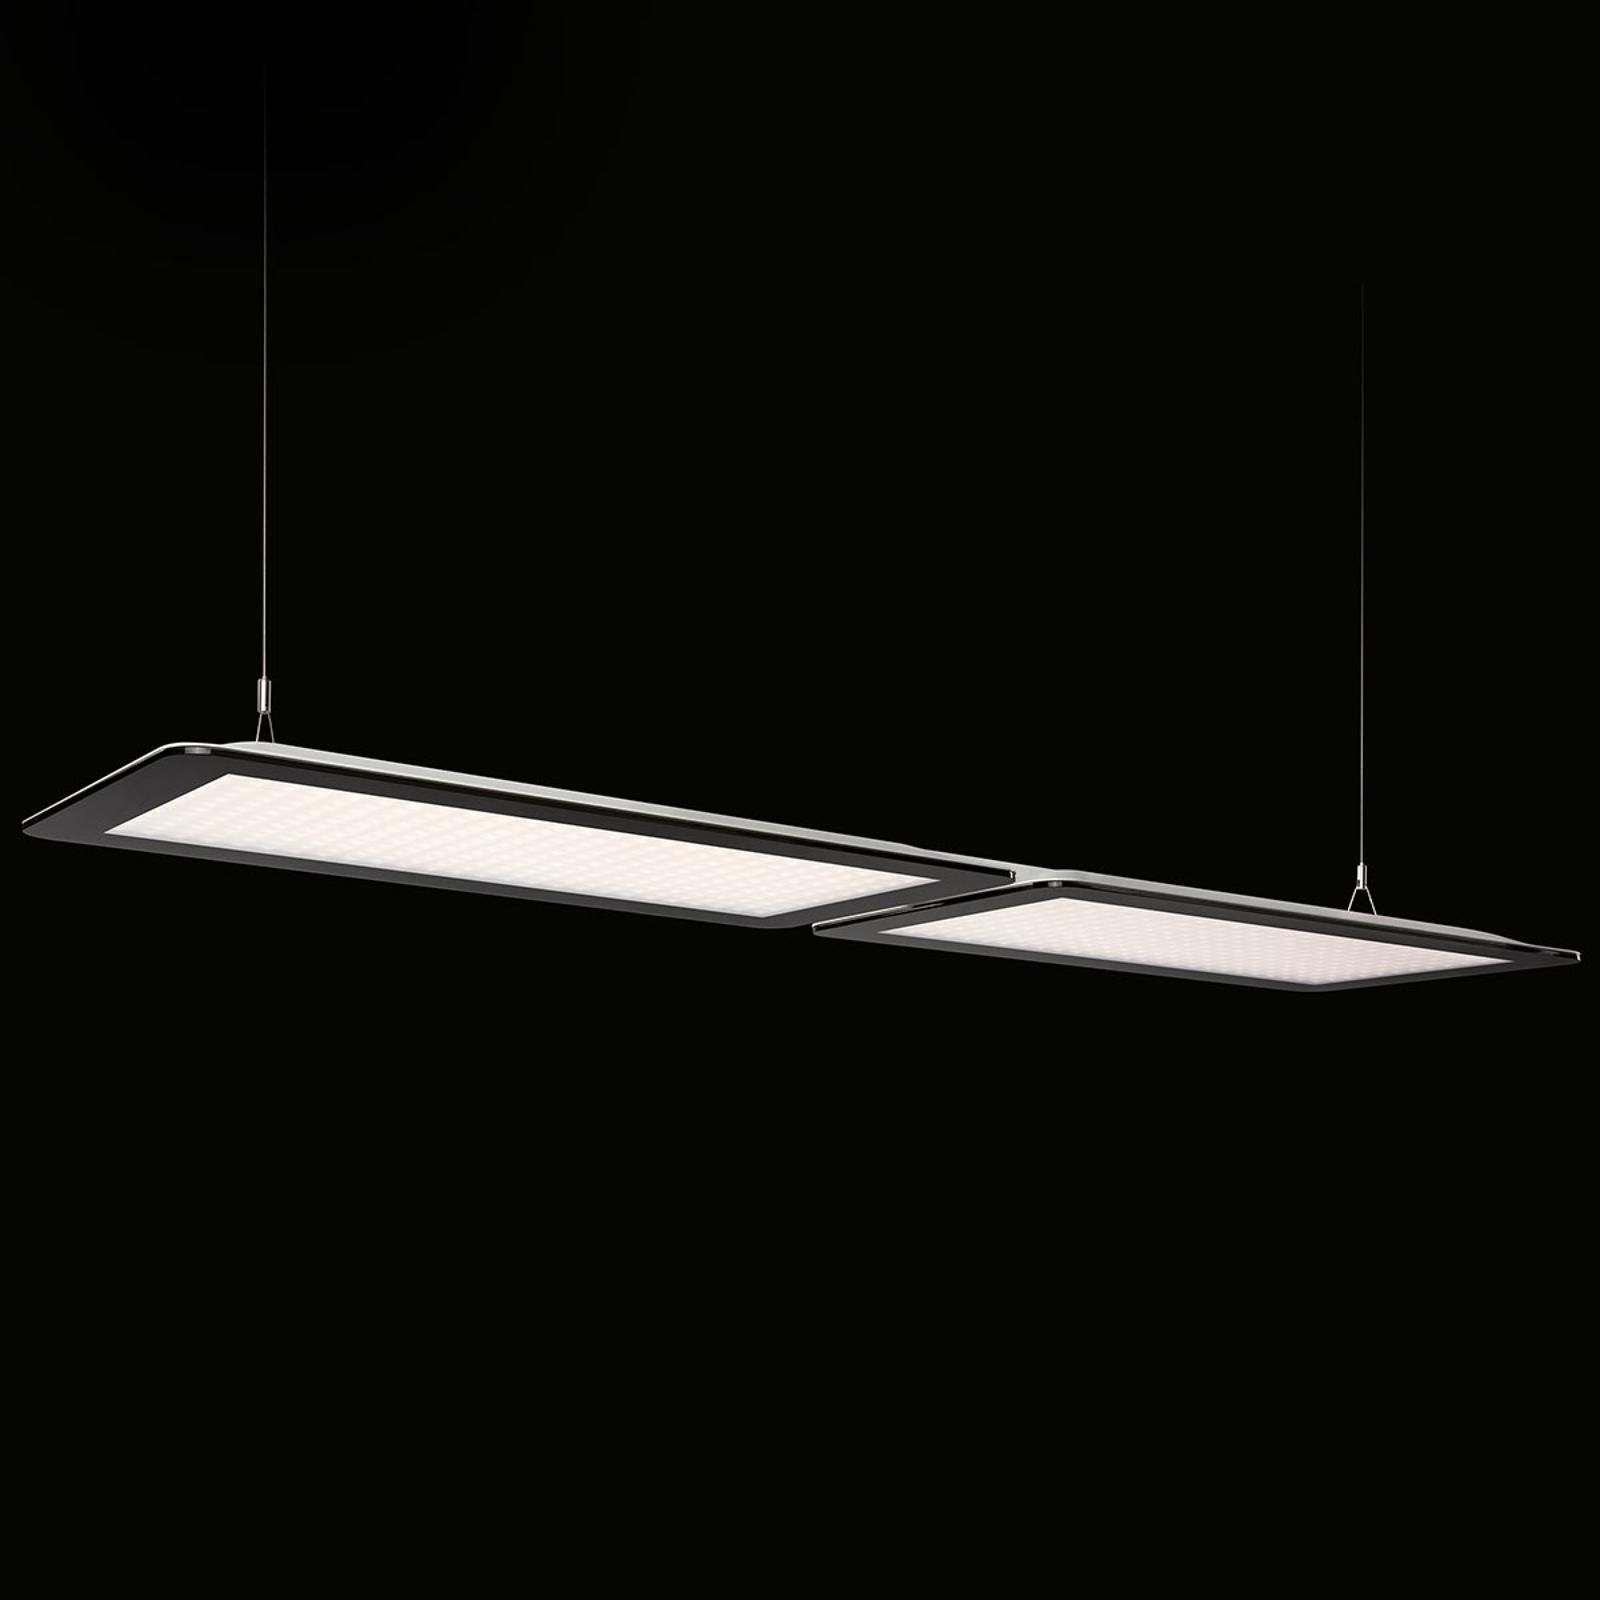 Dvojité LED závěsné světlo Dome-P-K2 pro kanceláře